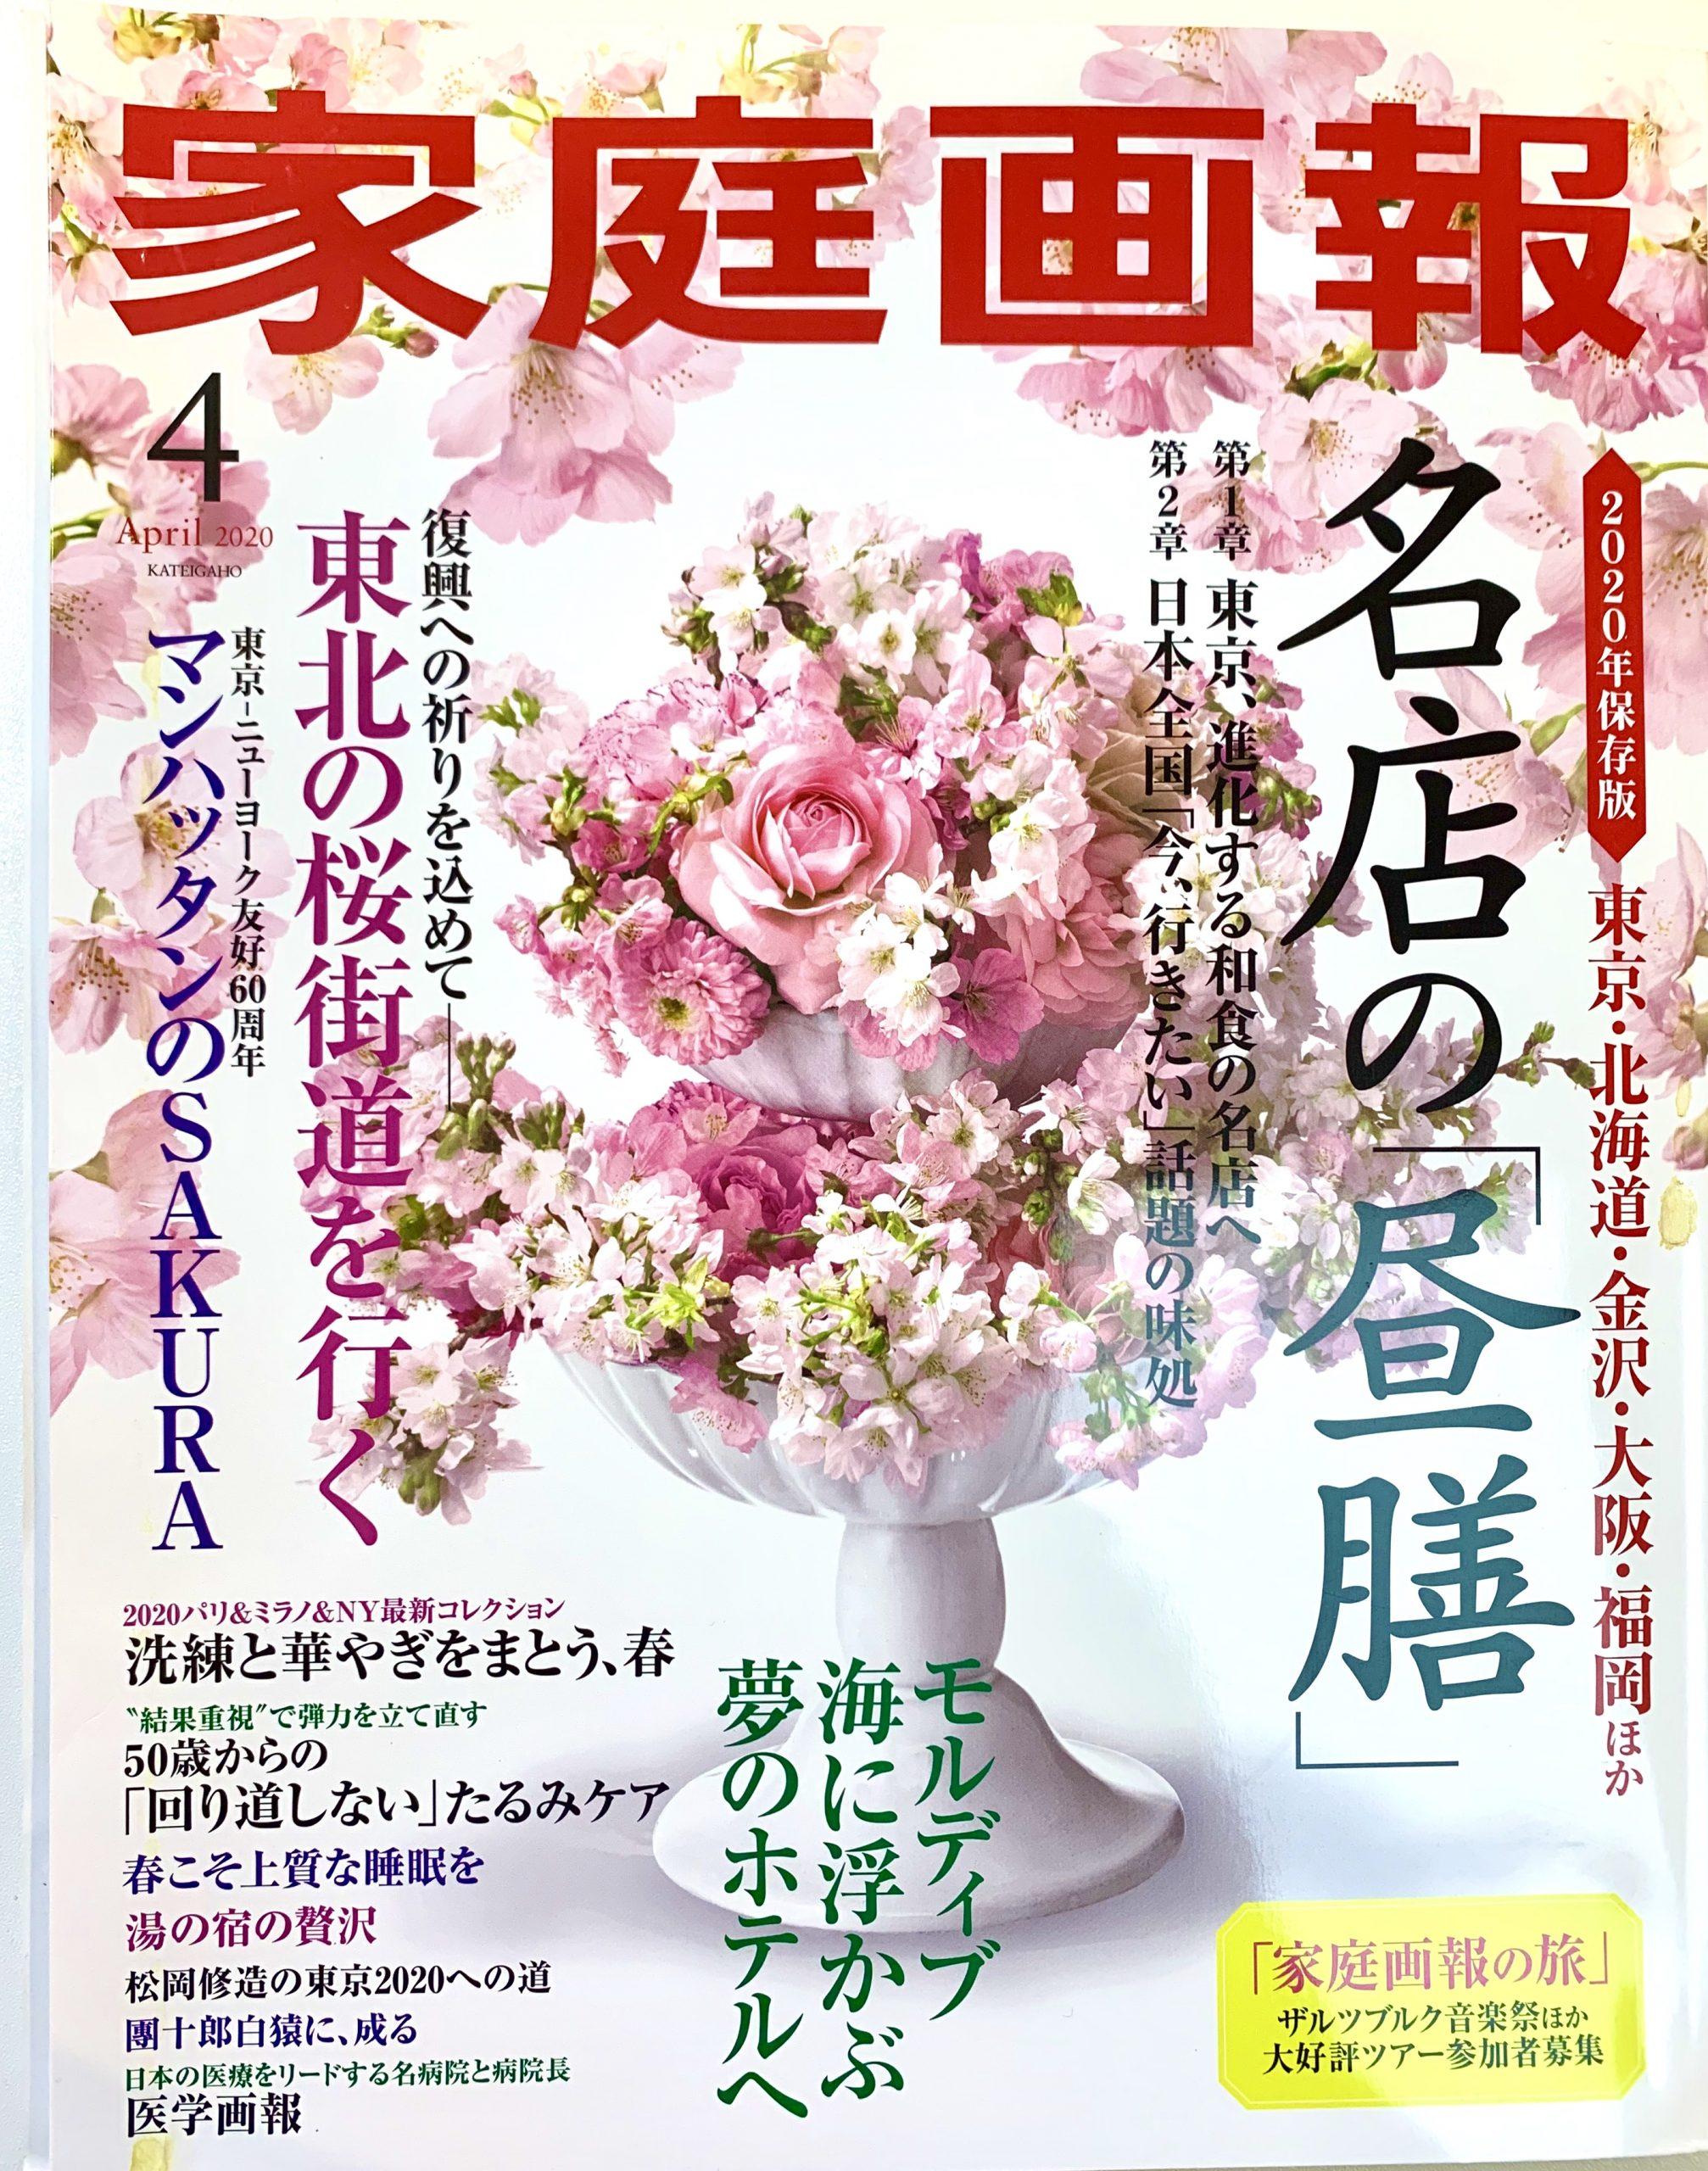 2月29日発売「家庭画報」4月号にミスキョウコが掲載されました。